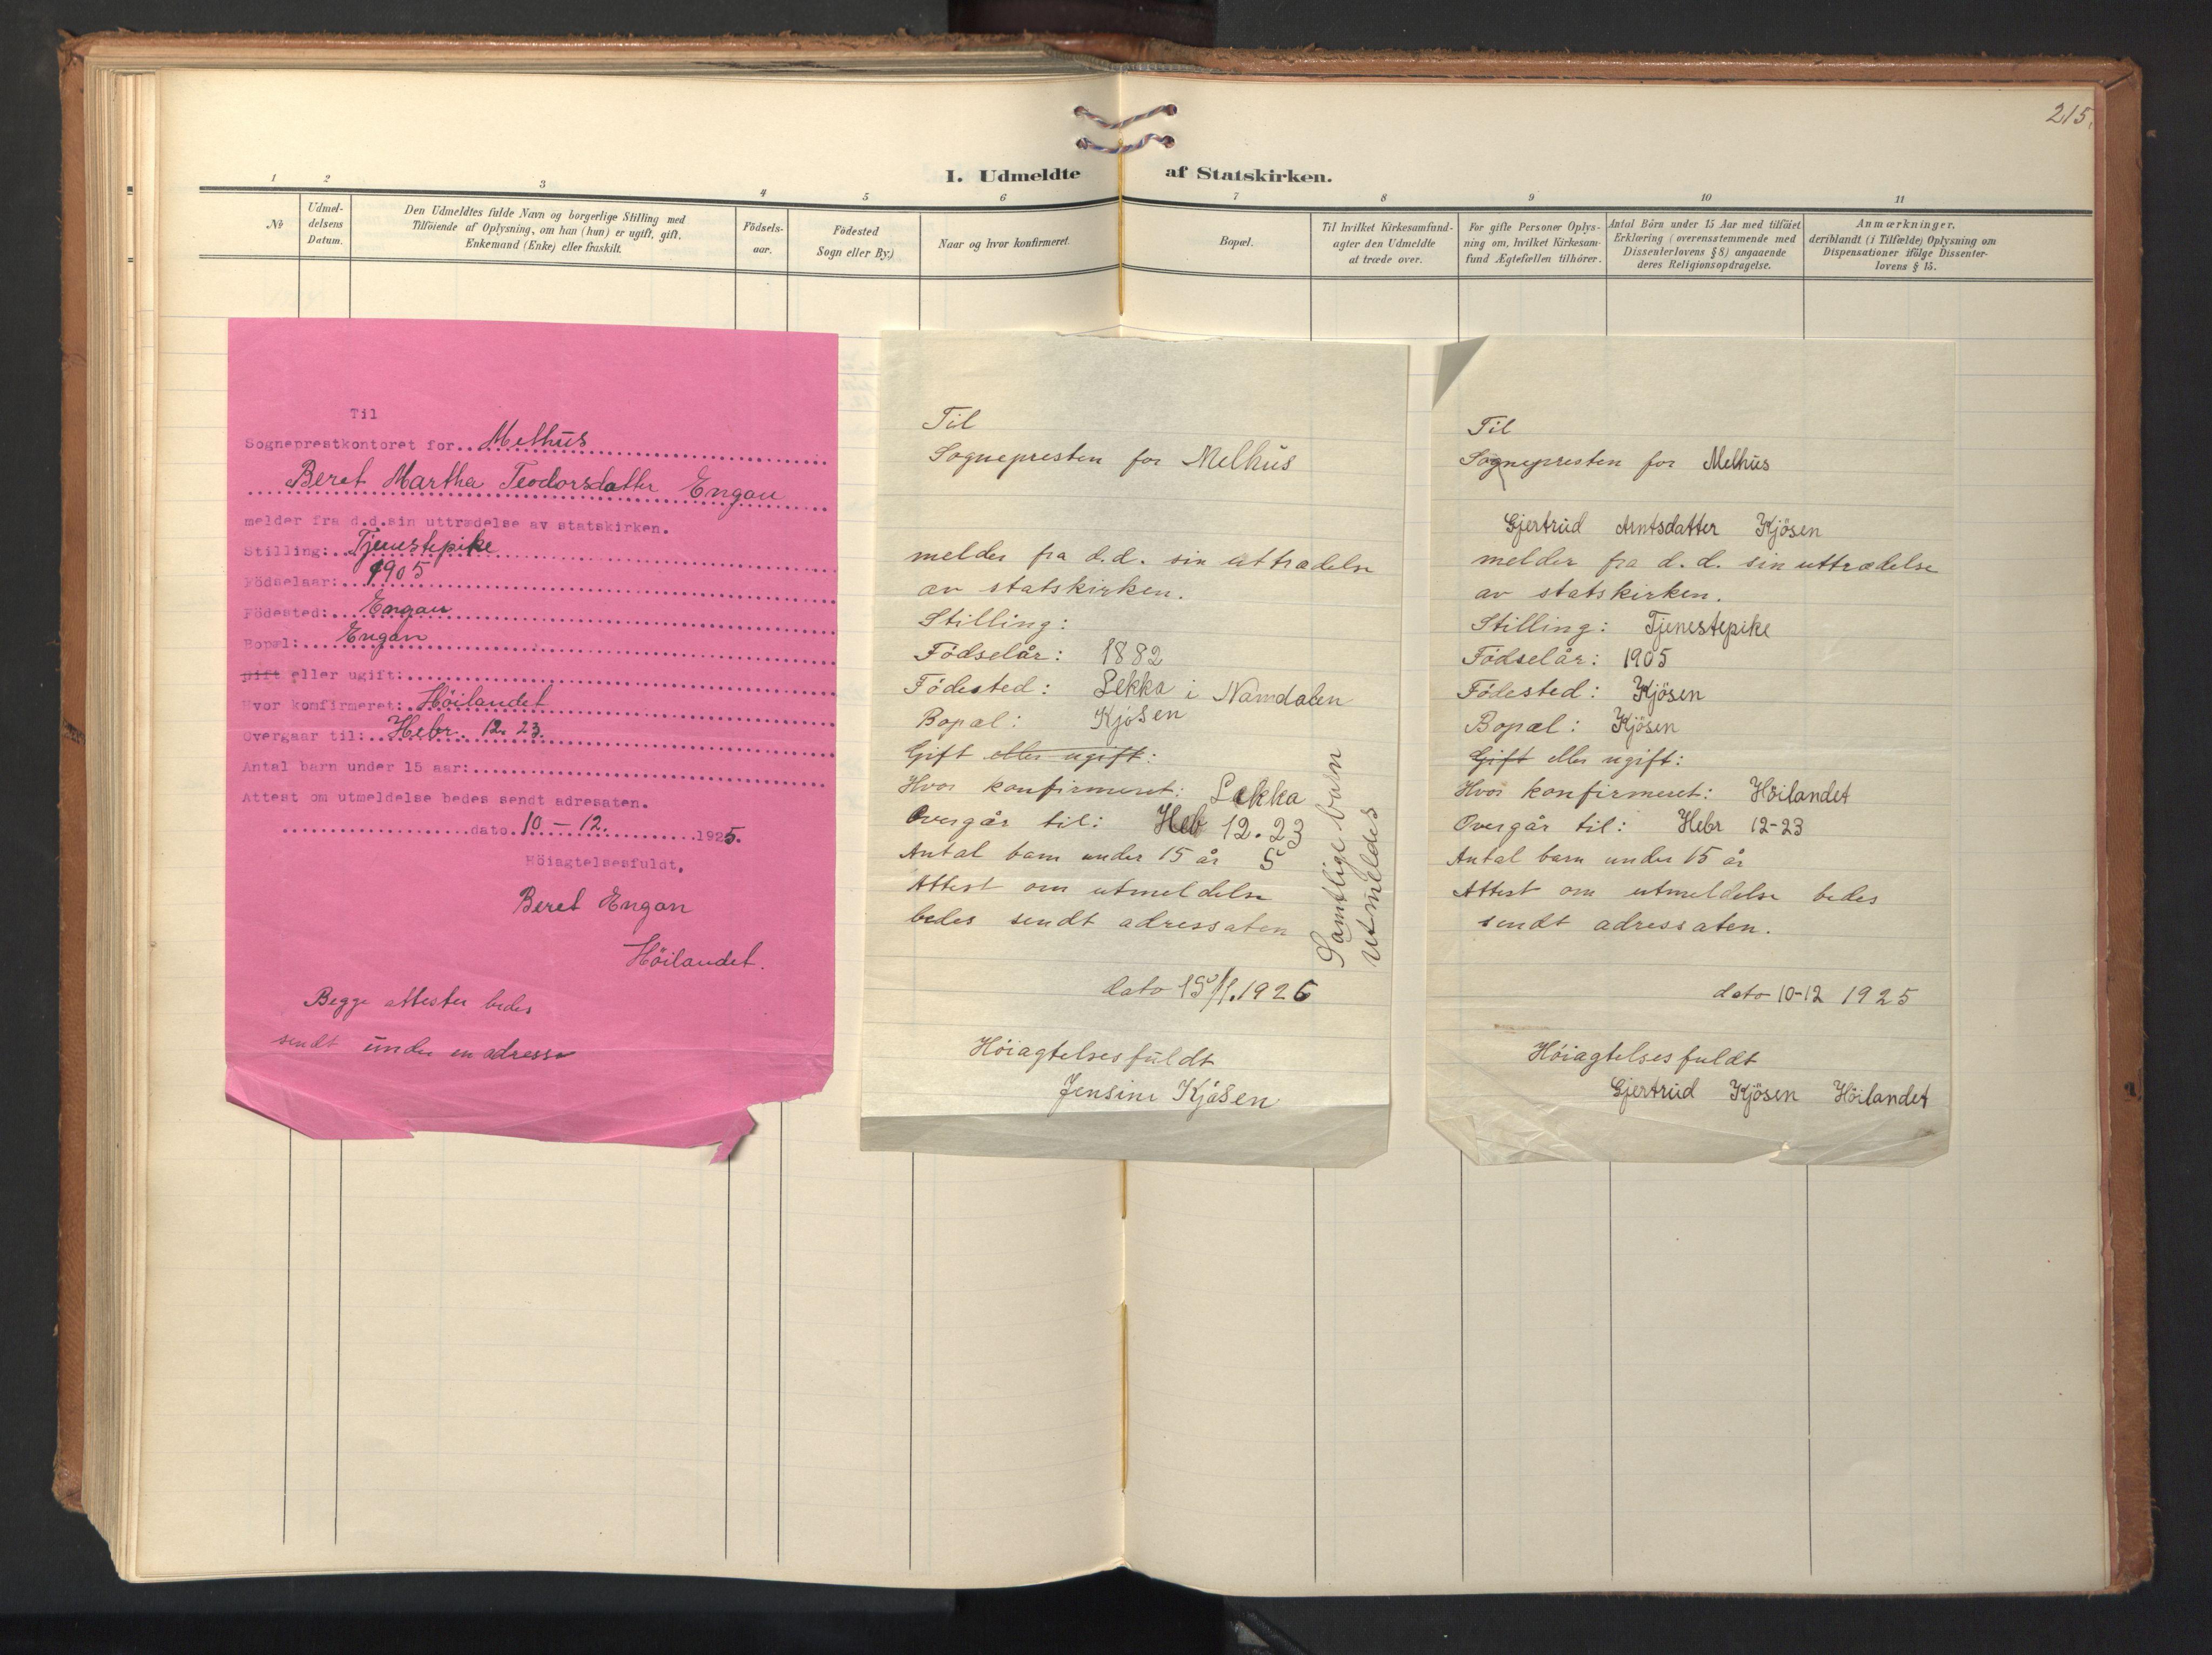 SAT, Ministerialprotokoller, klokkerbøker og fødselsregistre - Sør-Trøndelag, 694/L1128: Ministerialbok nr. 694A02, 1906-1931, s. 215